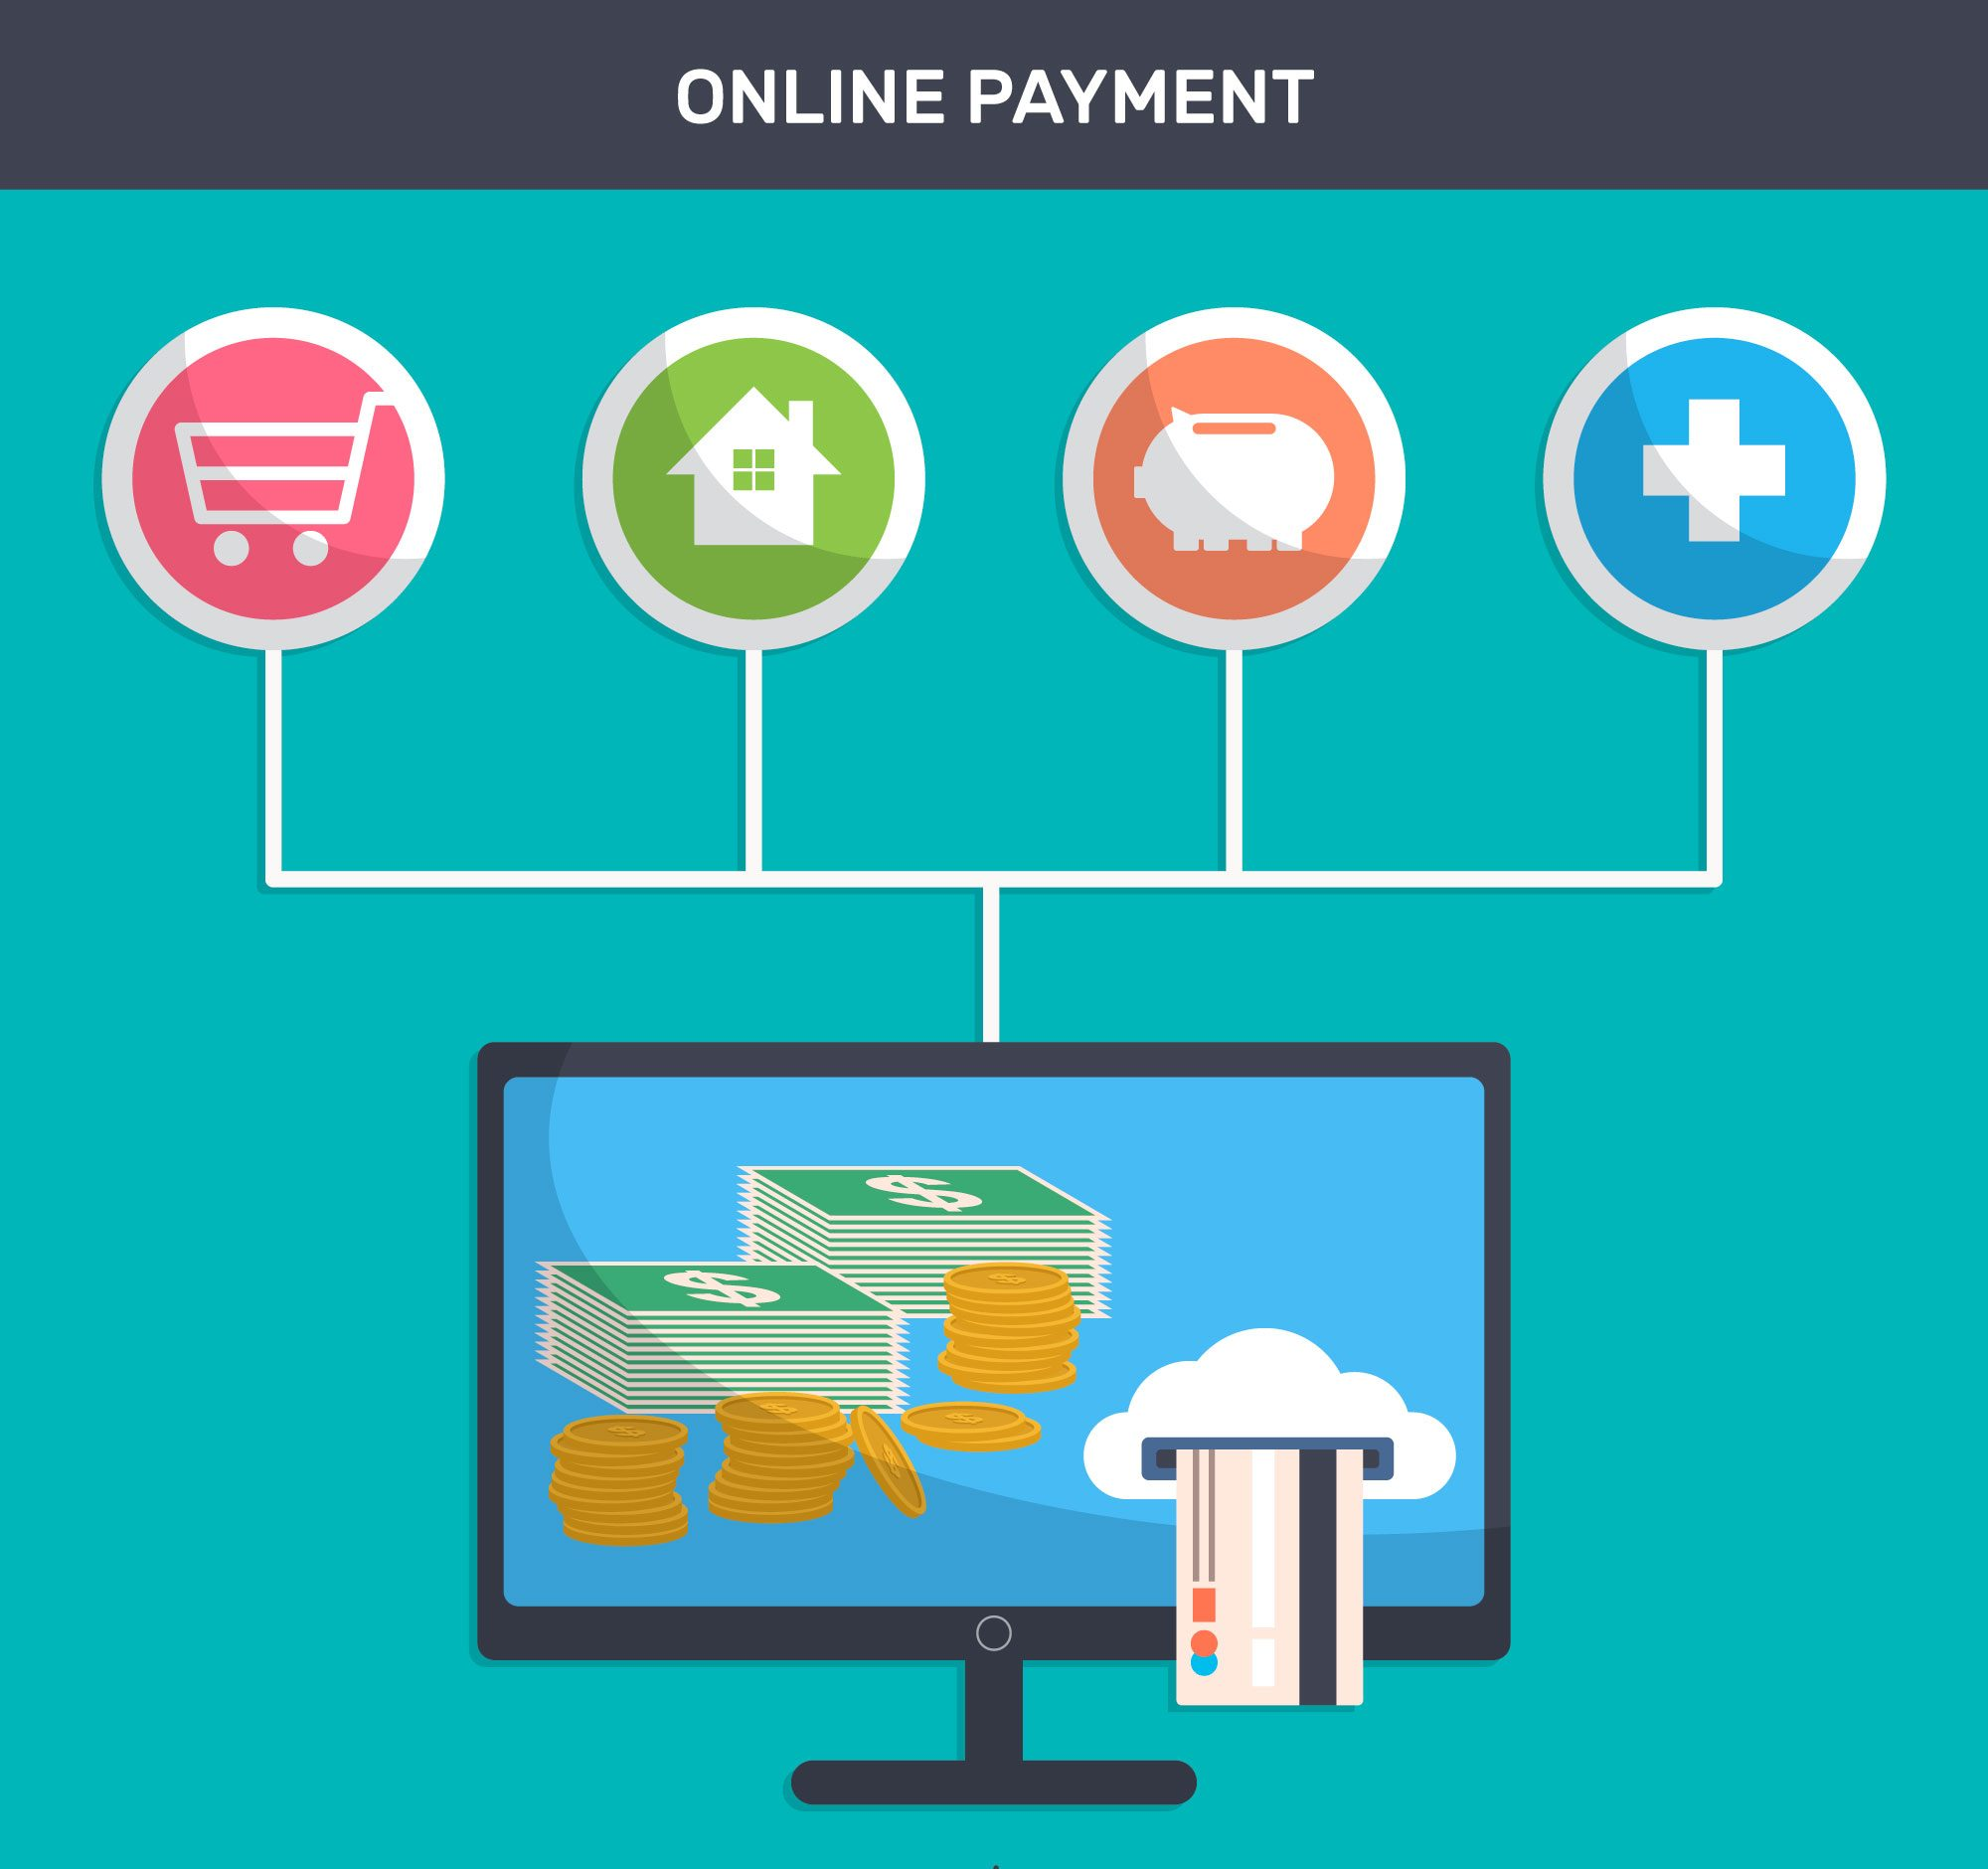 E-ticarette yeni ürün geliştirme ipuçları